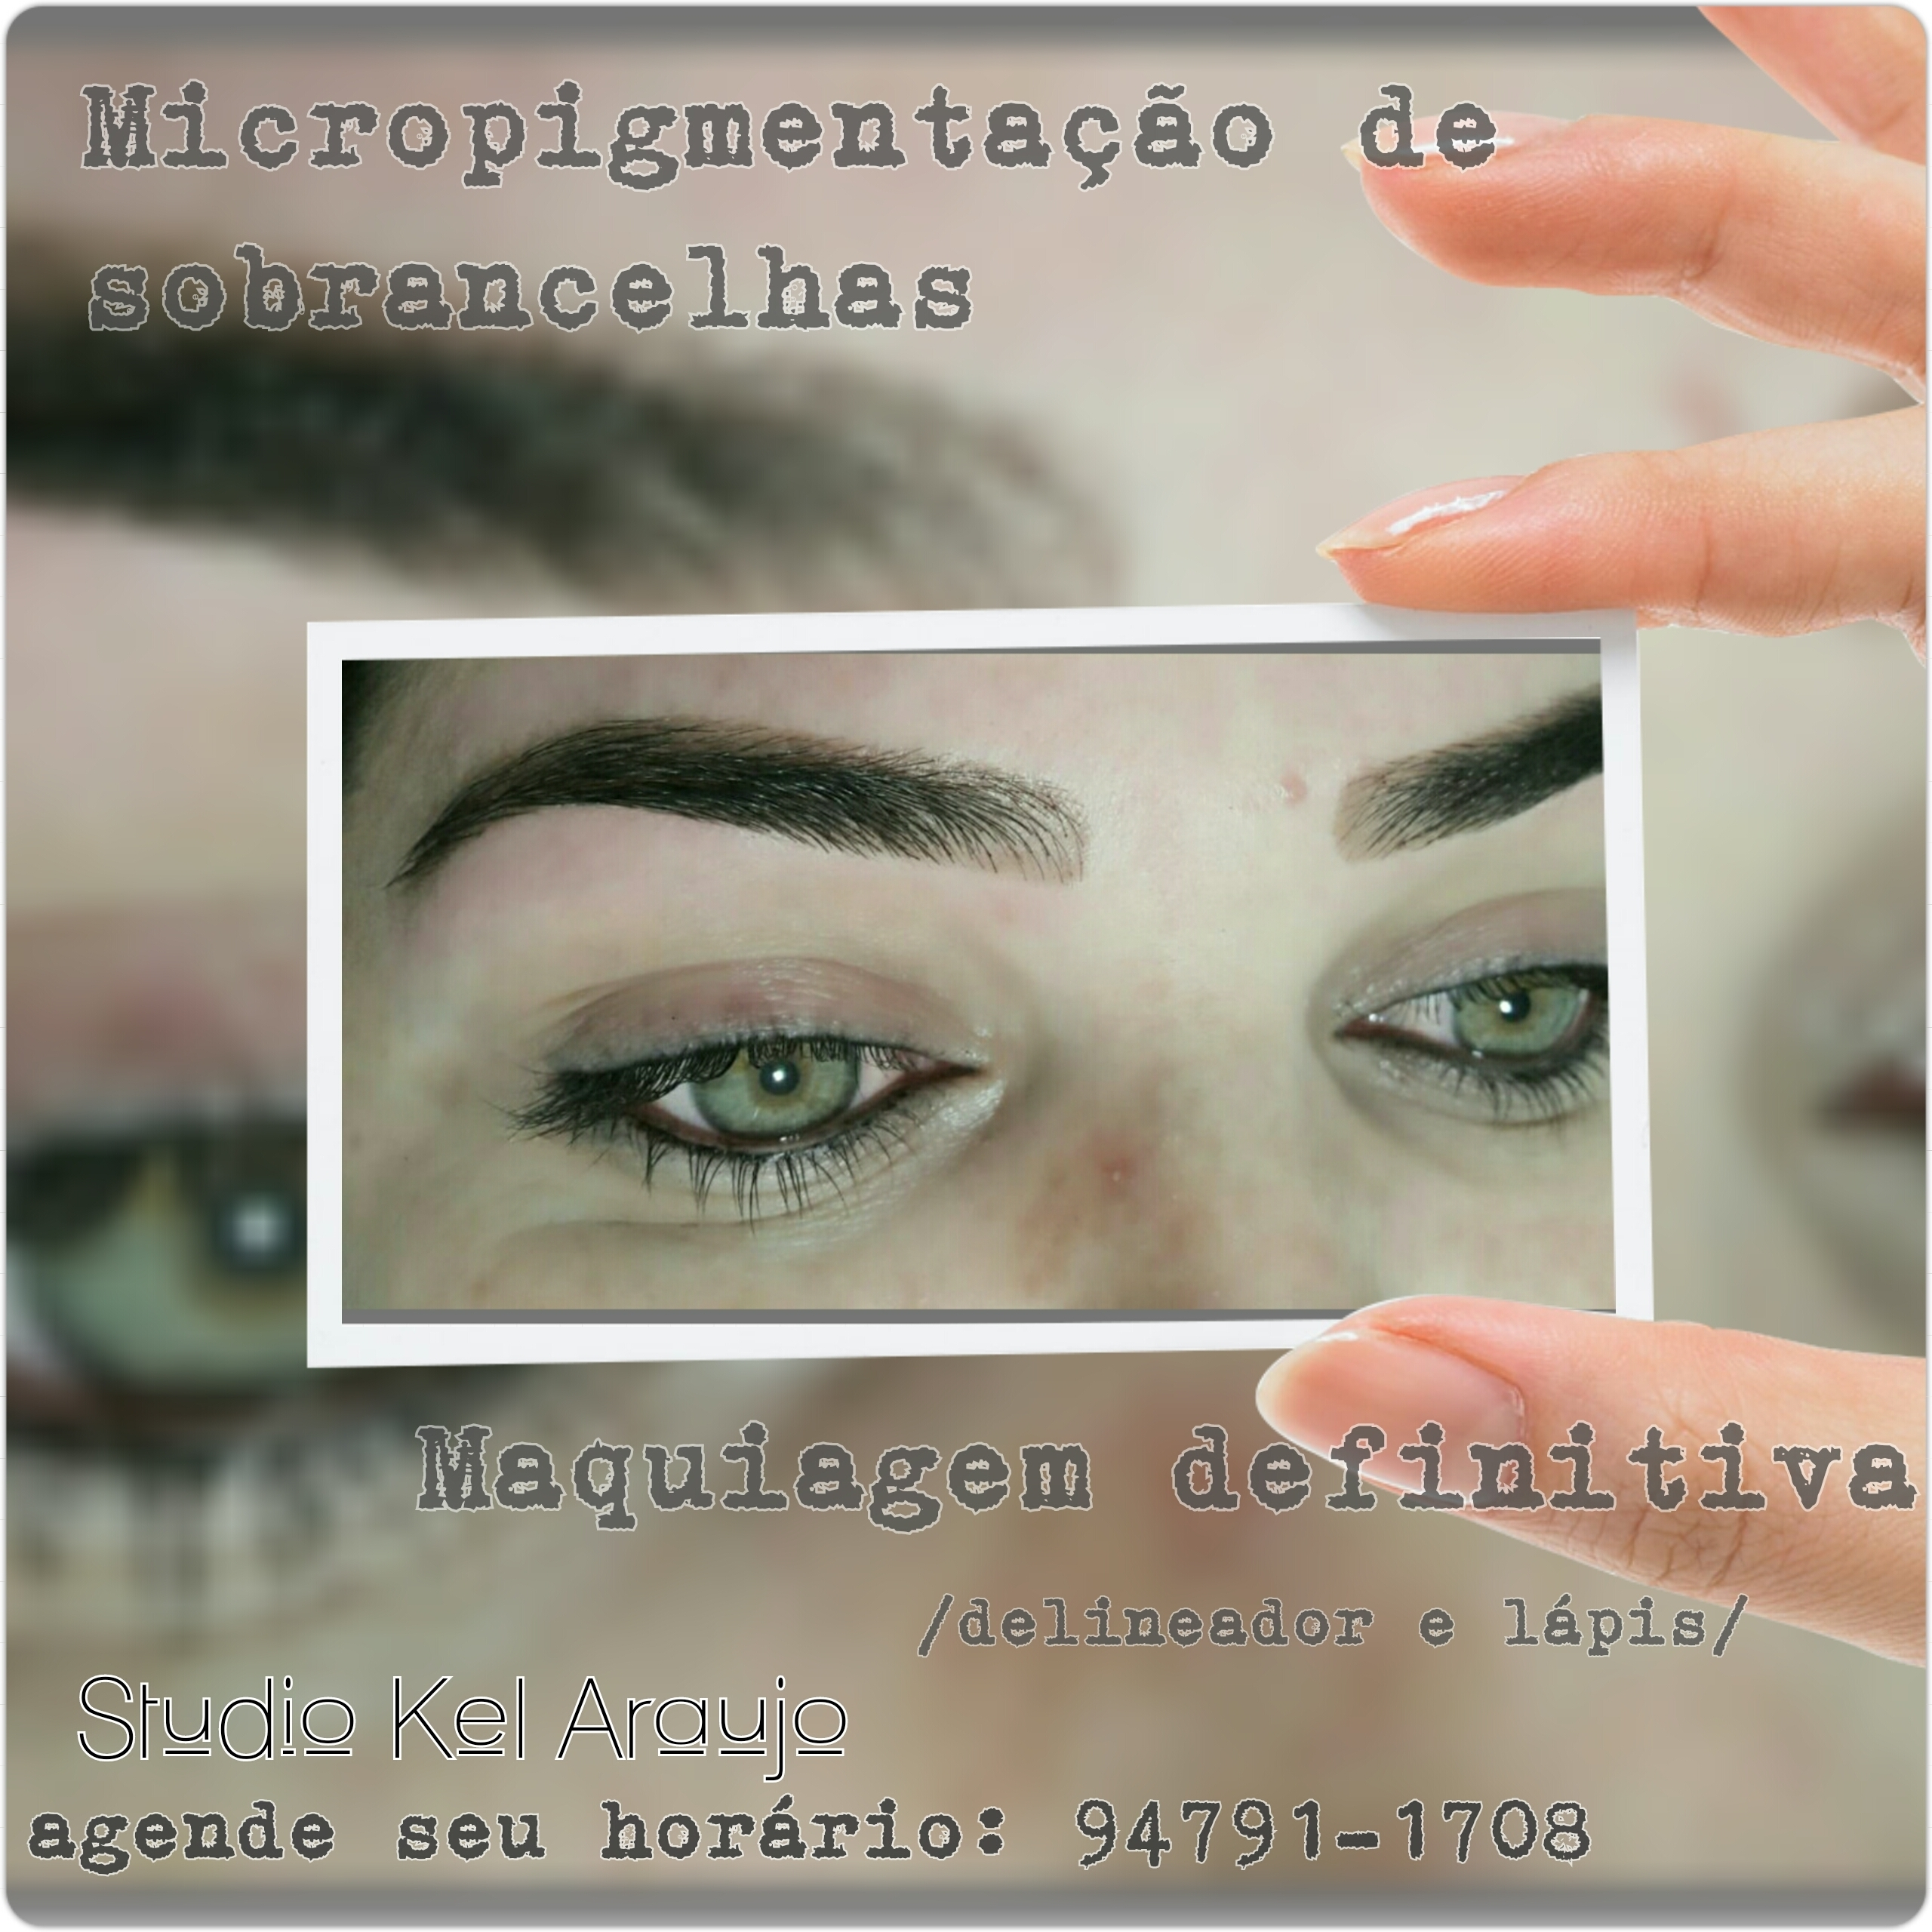 Micropigmentação de sobrancelhas, maquiagem definitiva olhos e boca, alongamento de cílios ( não foi feito alongamento na modelo da foto) outros micropigmentador(a) designer de sobrancelhas dermopigmentador(a) outros